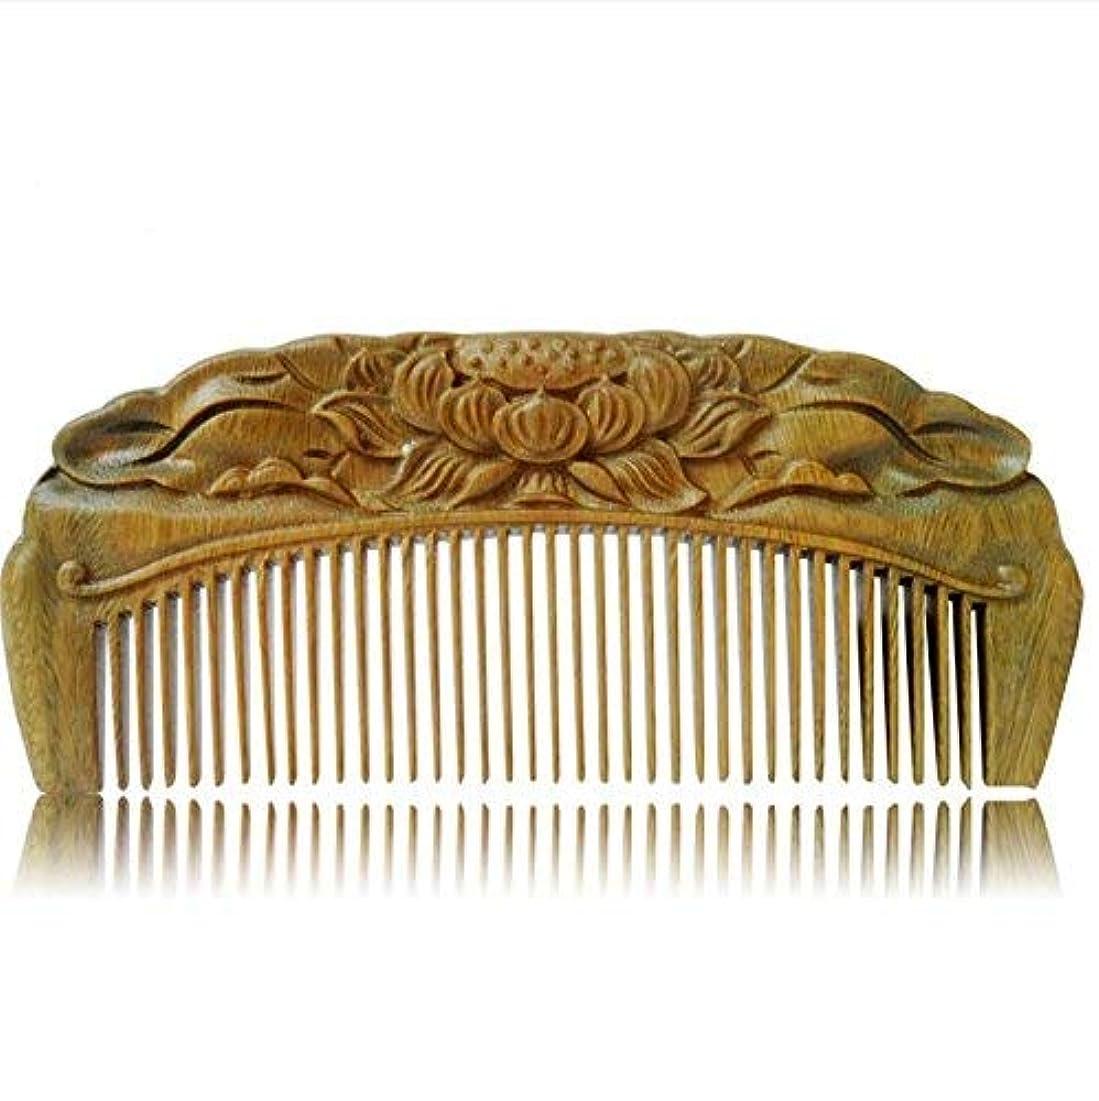 引き金過敏な部分Handmade Carved Natural Sandalwood Hair Comb - Anti-static Sandalwood Hair Comb Beard Brush Rake Comb Handmade...